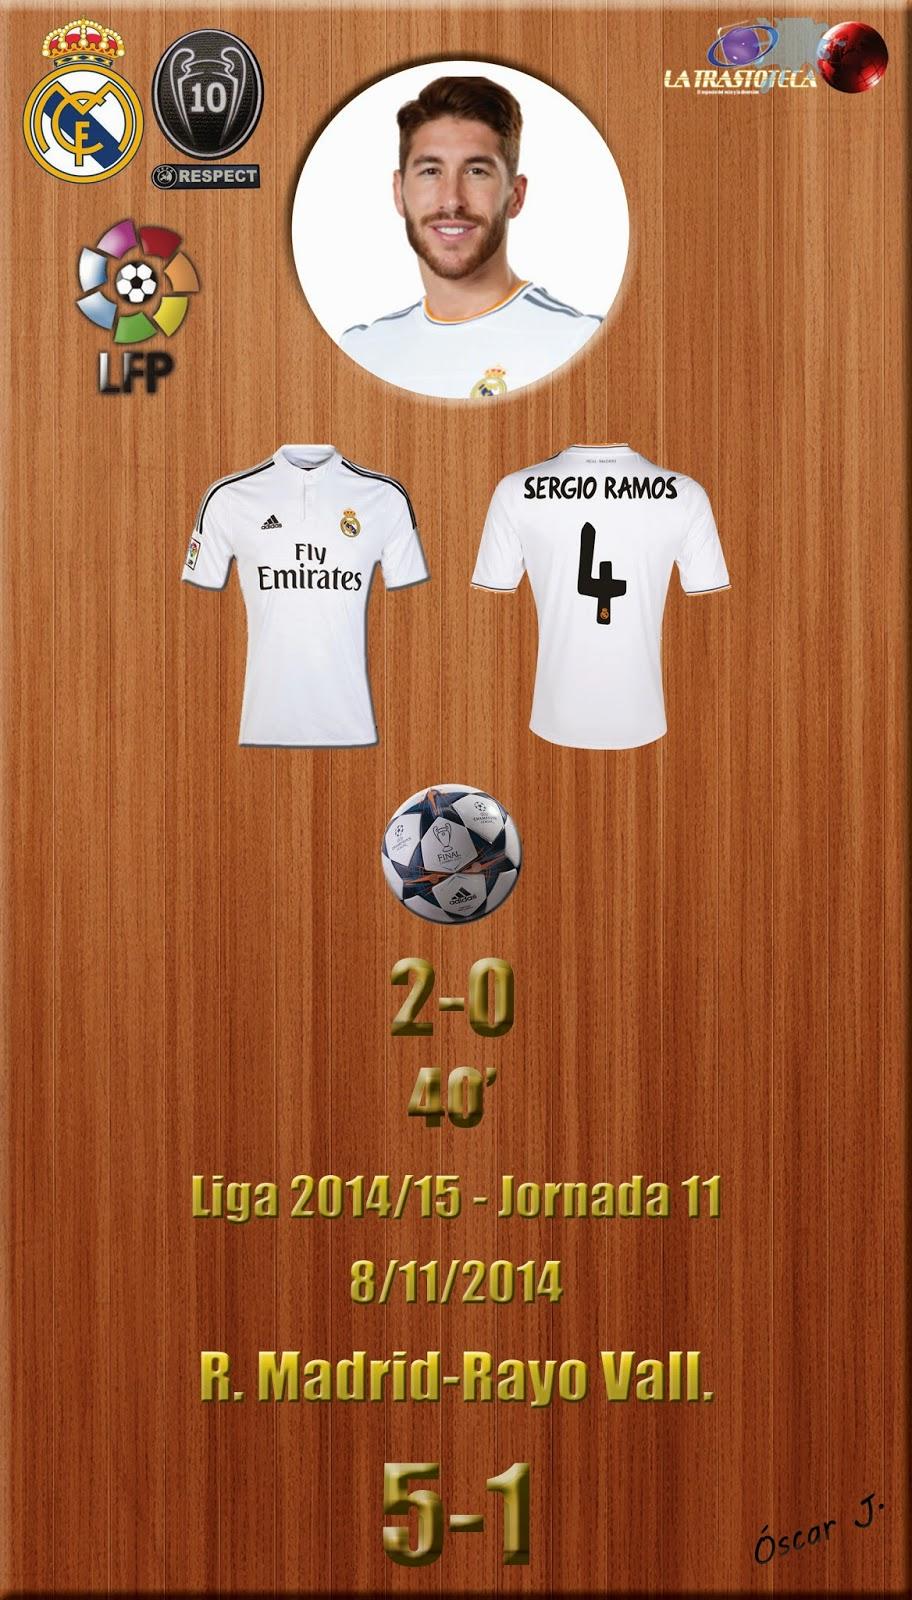 Sergio Ramos - (2-0) - Real Madrid 5-1 Rayo - Liga 2014/15 - Jornada 11 - (8/11/2014)